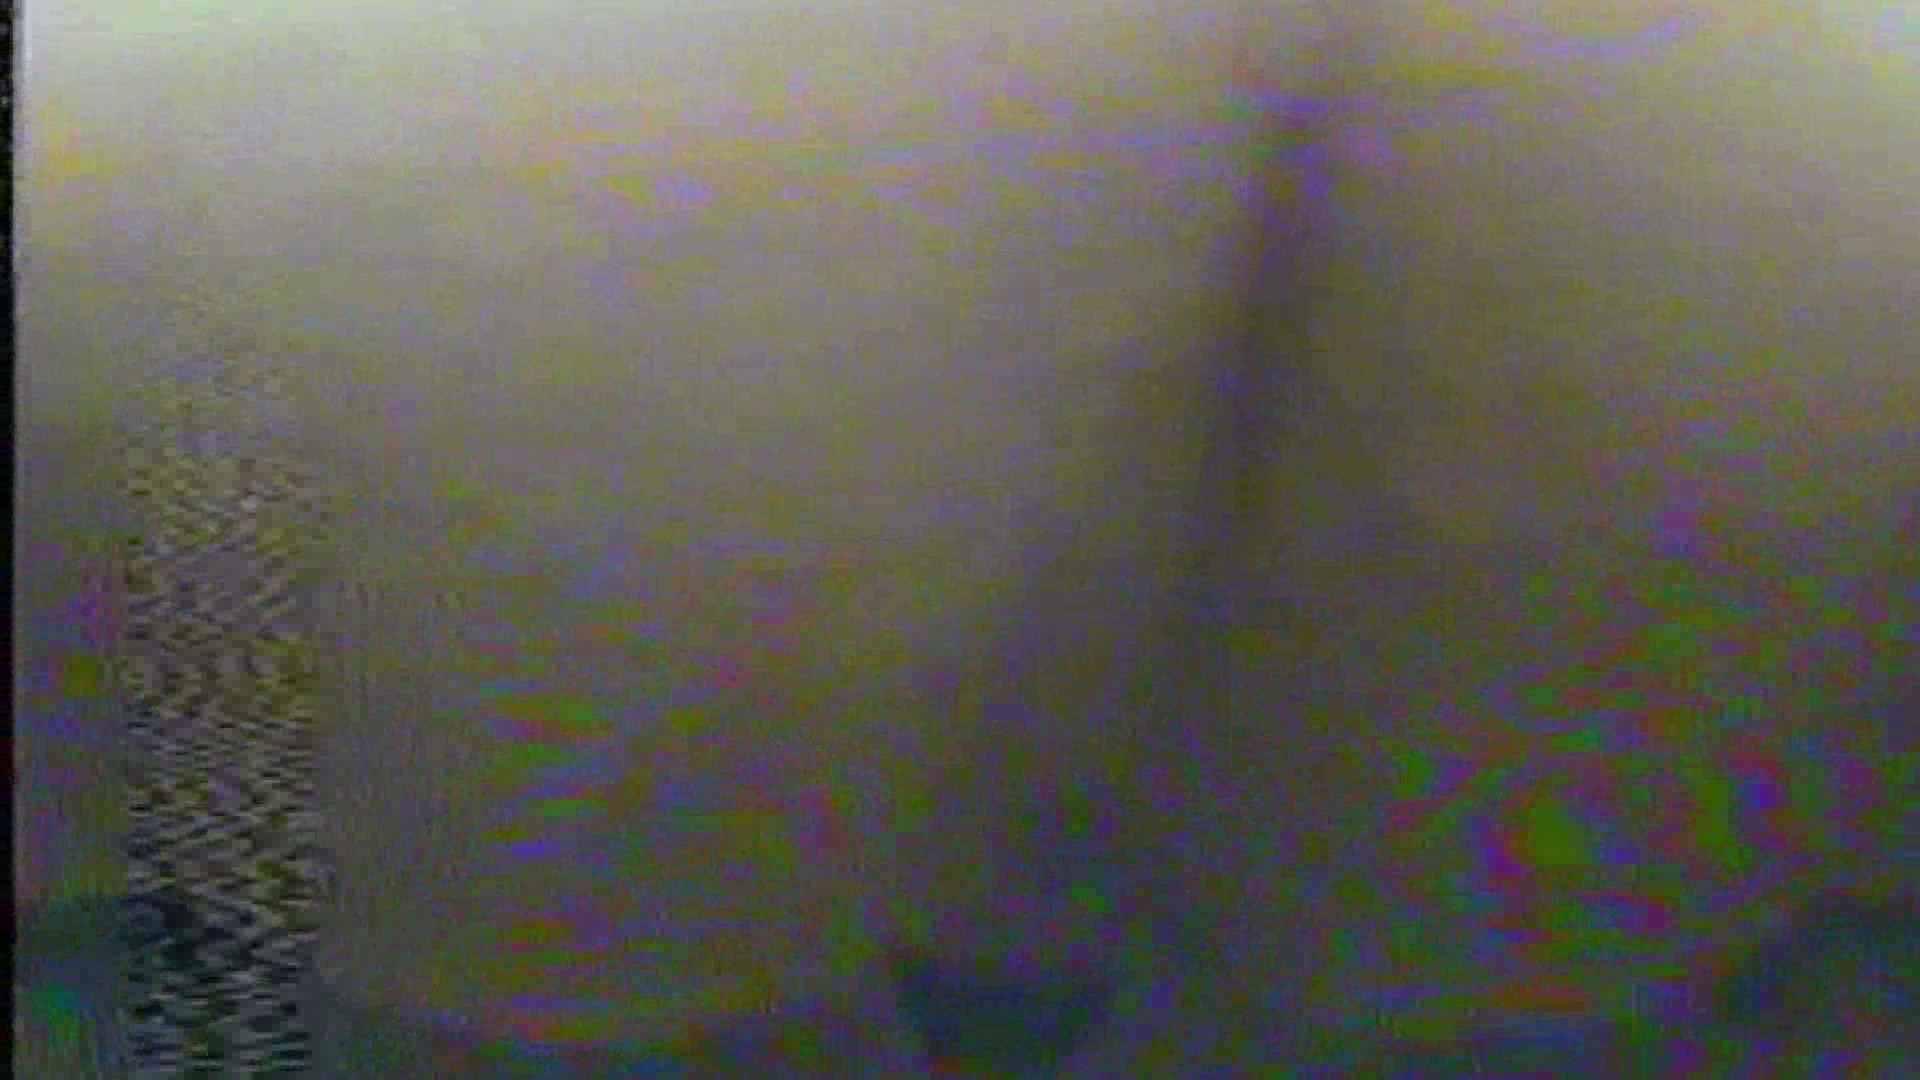 キレカワ女子大生の秘密の洗面所!Vol.045 盗撮師作品 AV動画キャプチャ 105pic 83